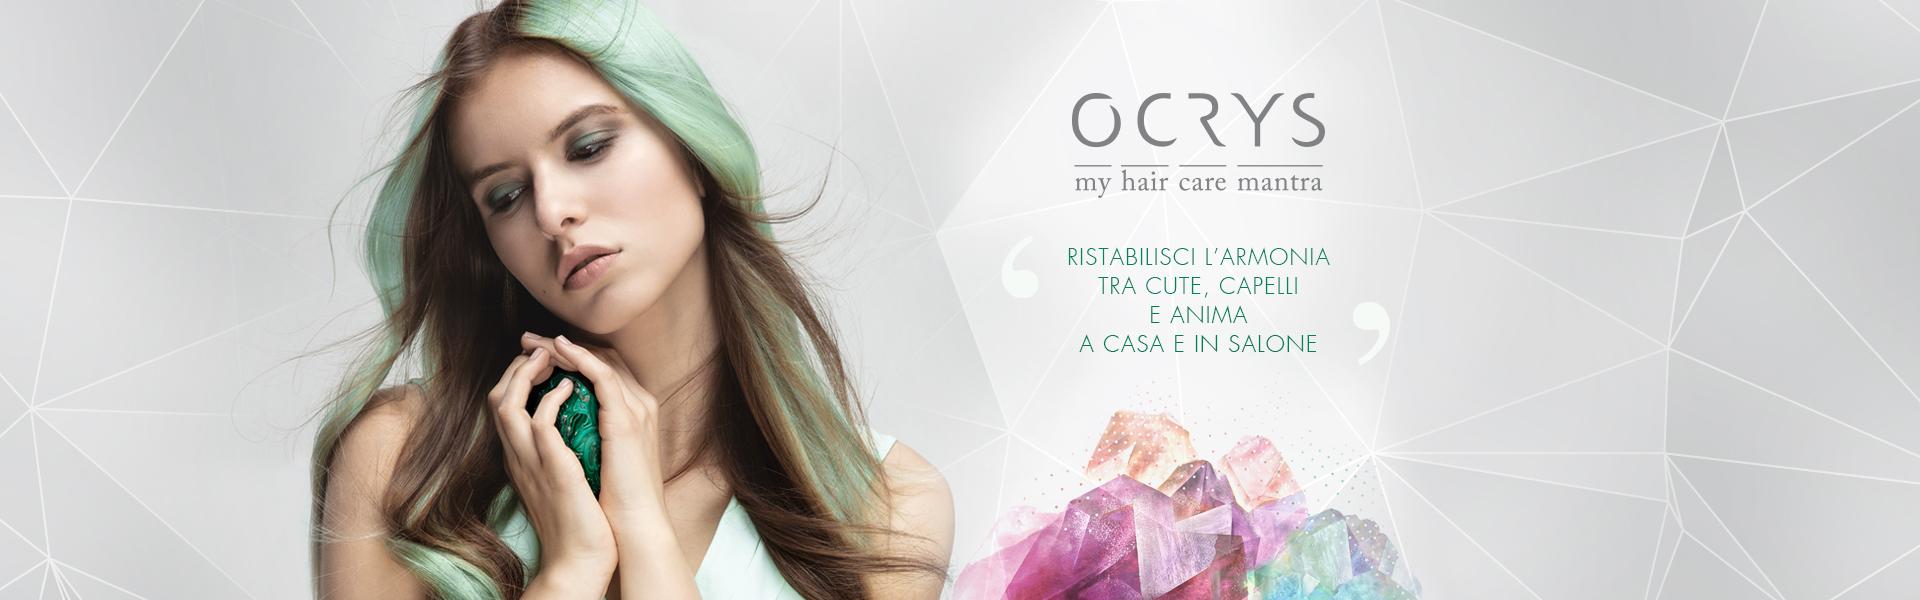 ocrysheader